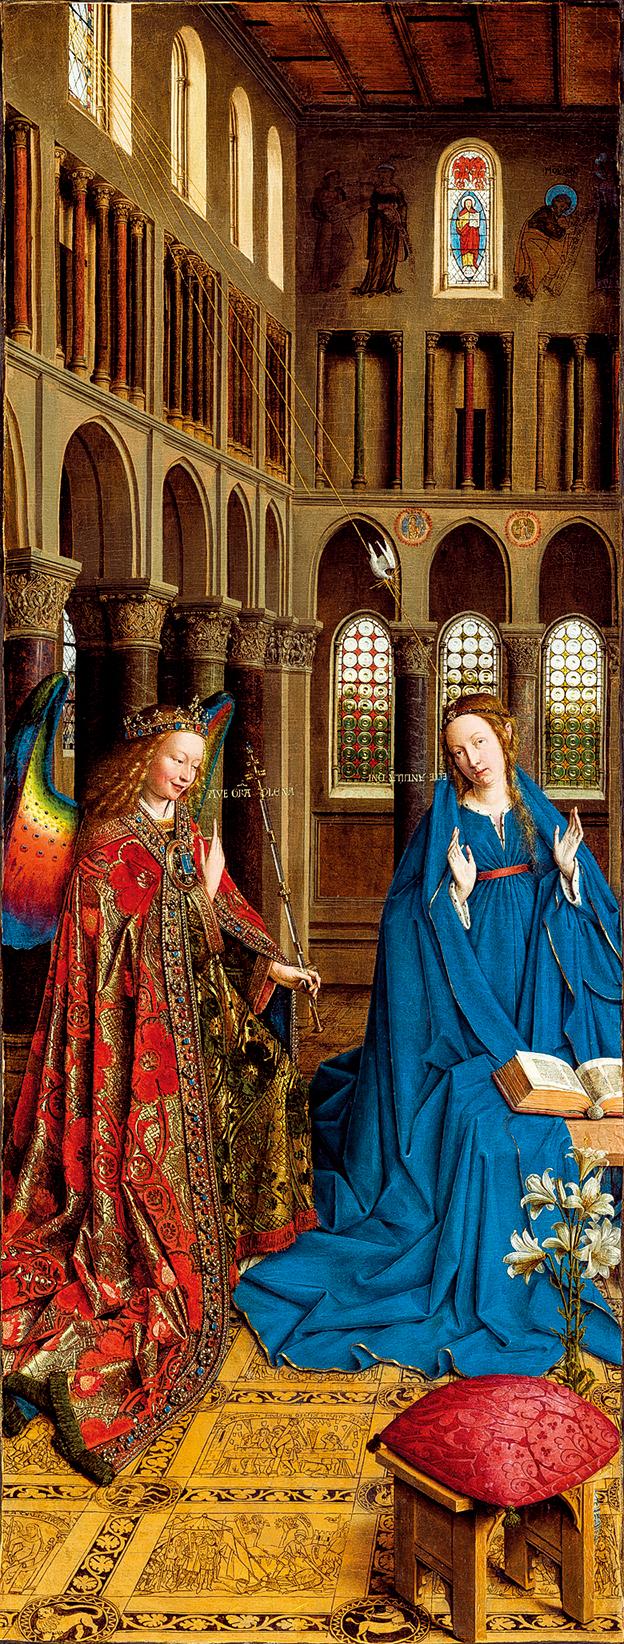 凡‧艾克(Jan van Eyck)1434~1436年畫的《天使報喜》 Annunciation,華盛頓國家美術館收藏。(公有領域)